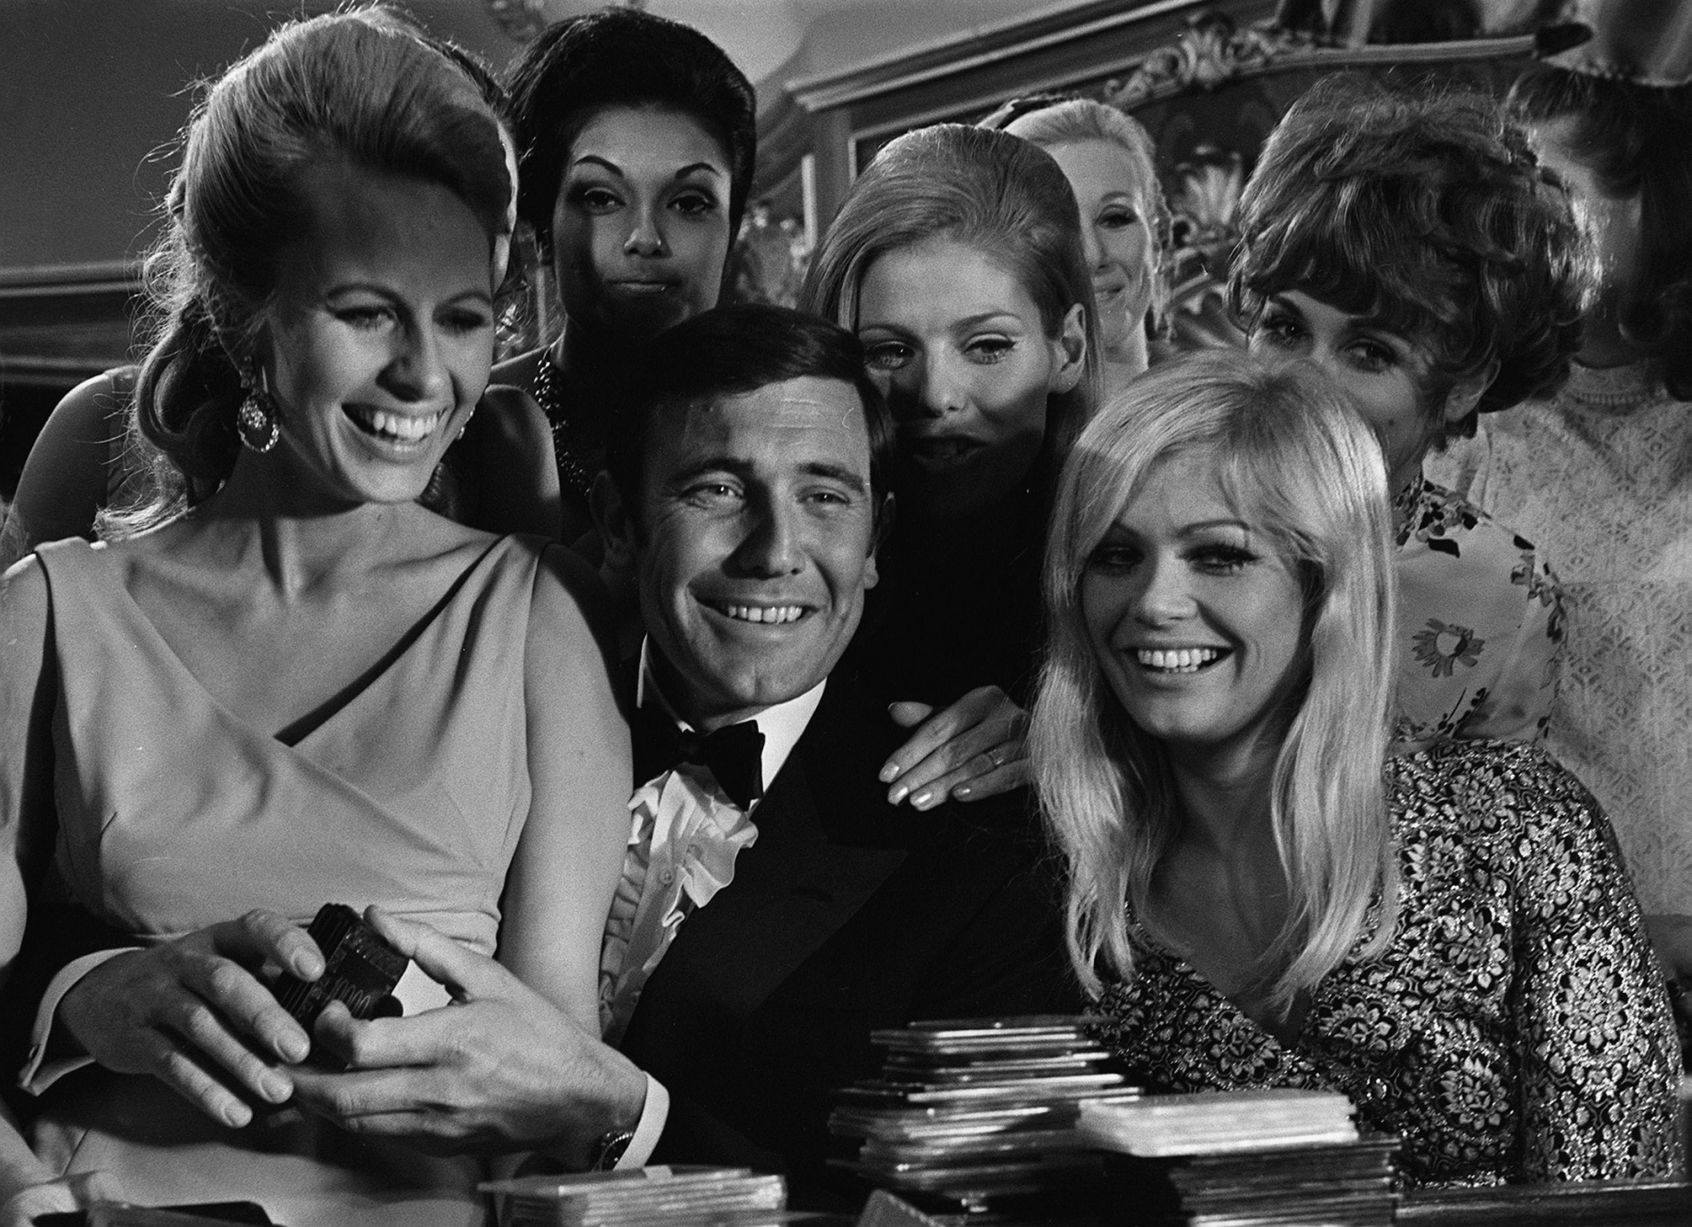 James Bond classic photos James bond, lazenby, Bond